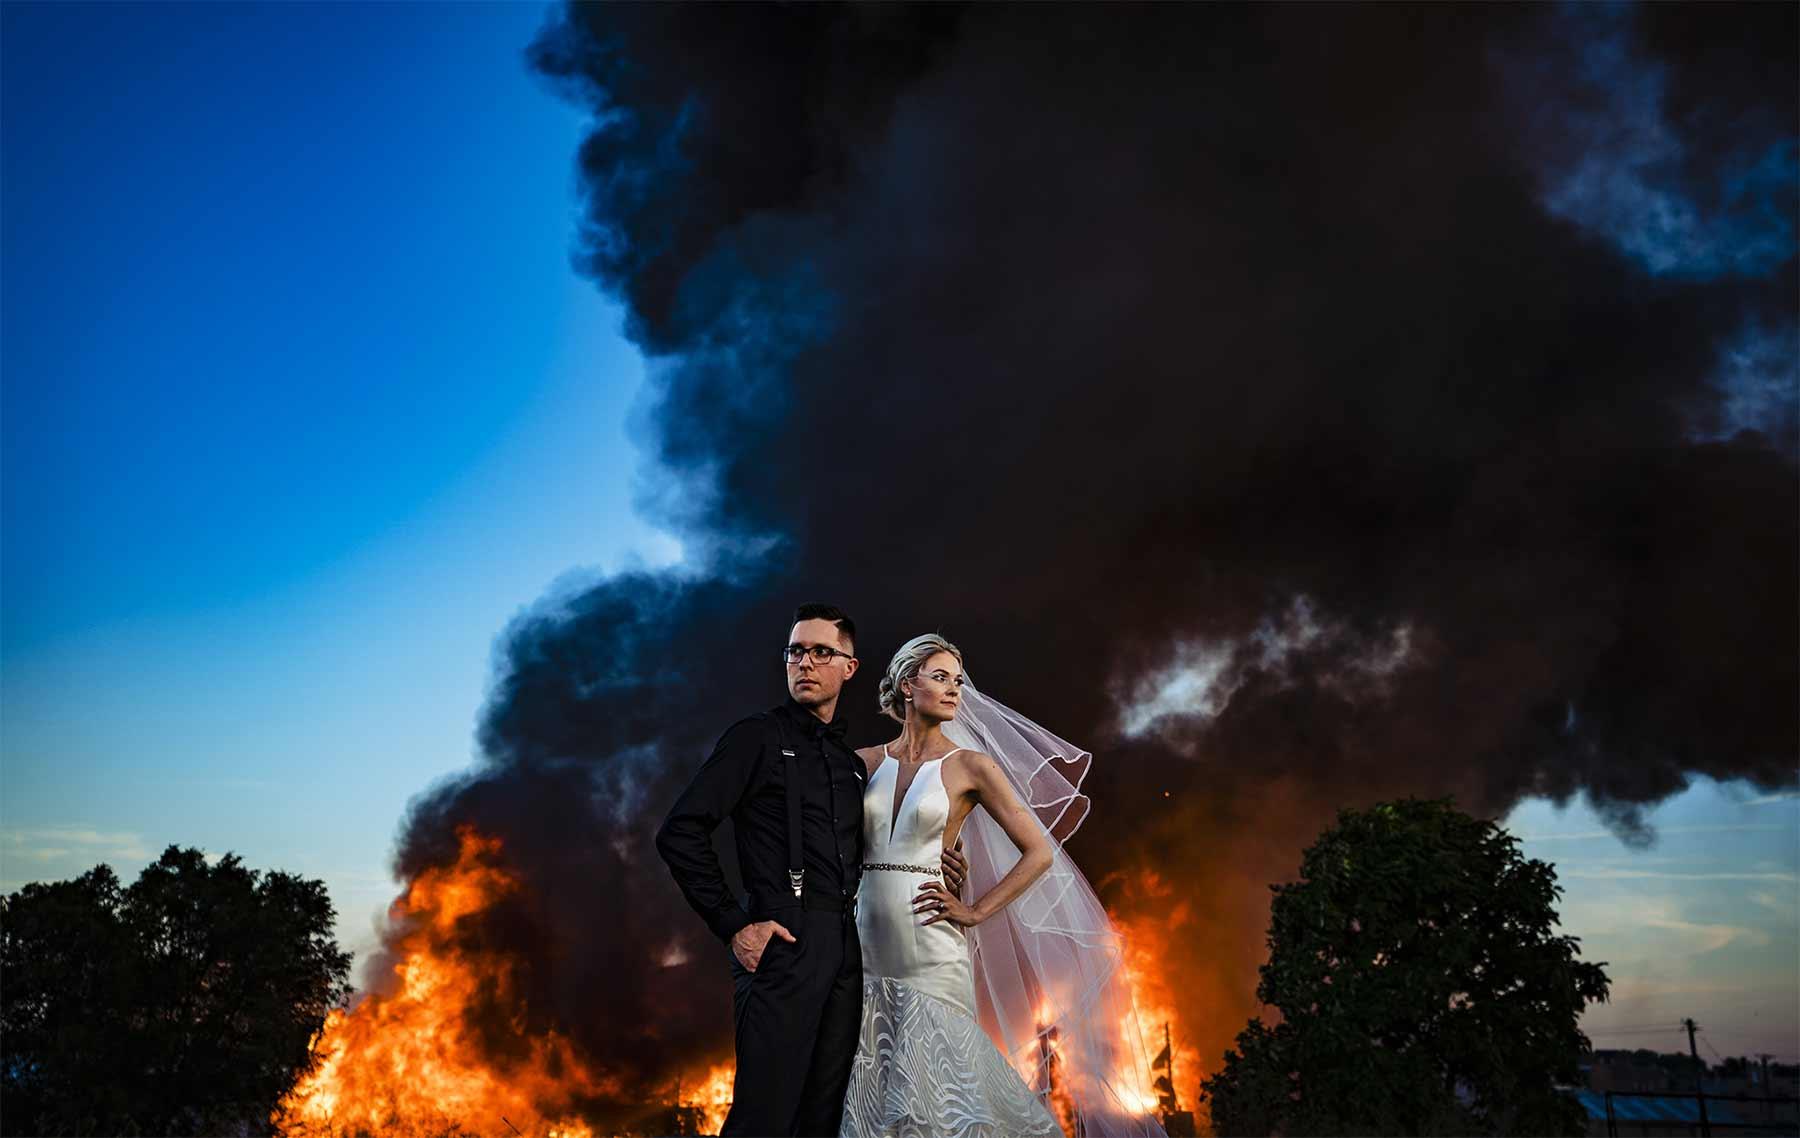 Gebäudebrand spontan für Hochzeitsfotoshooting genutzt